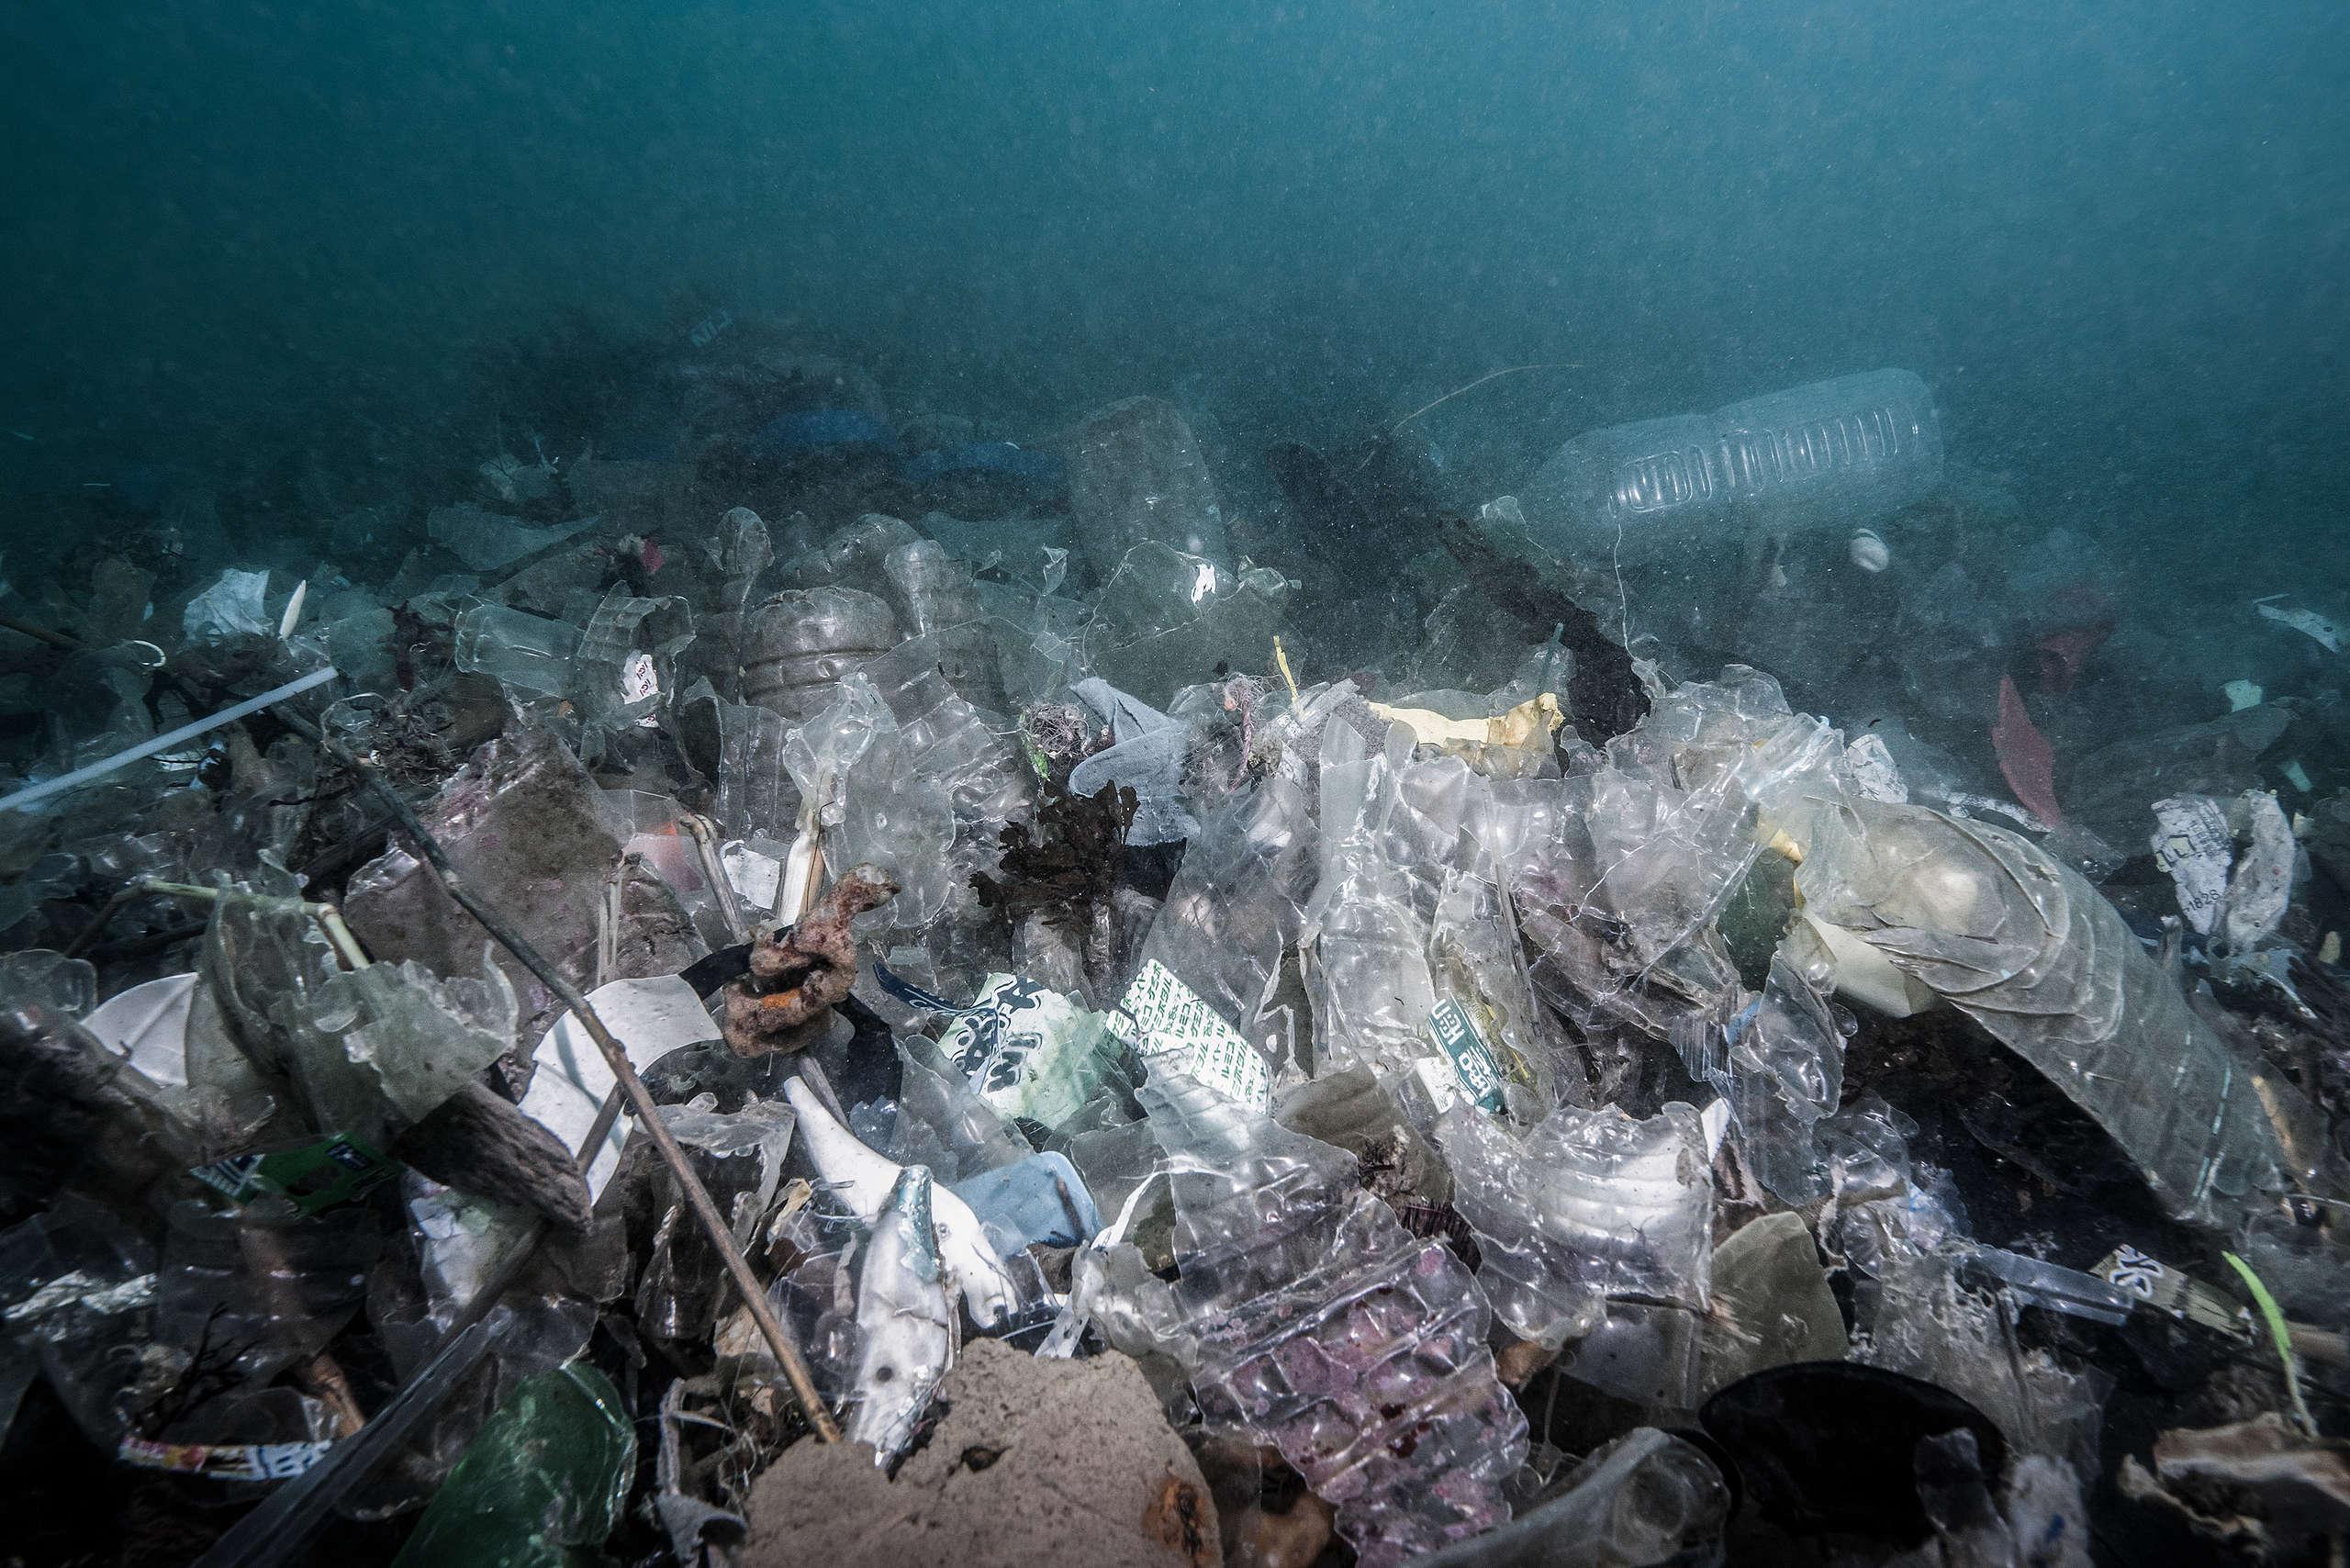 基隆市水產動植物保育區海域竟然這麼多垃圾,而且除了廢棄漁具,還有大量寶特瓶和一般生活用品。